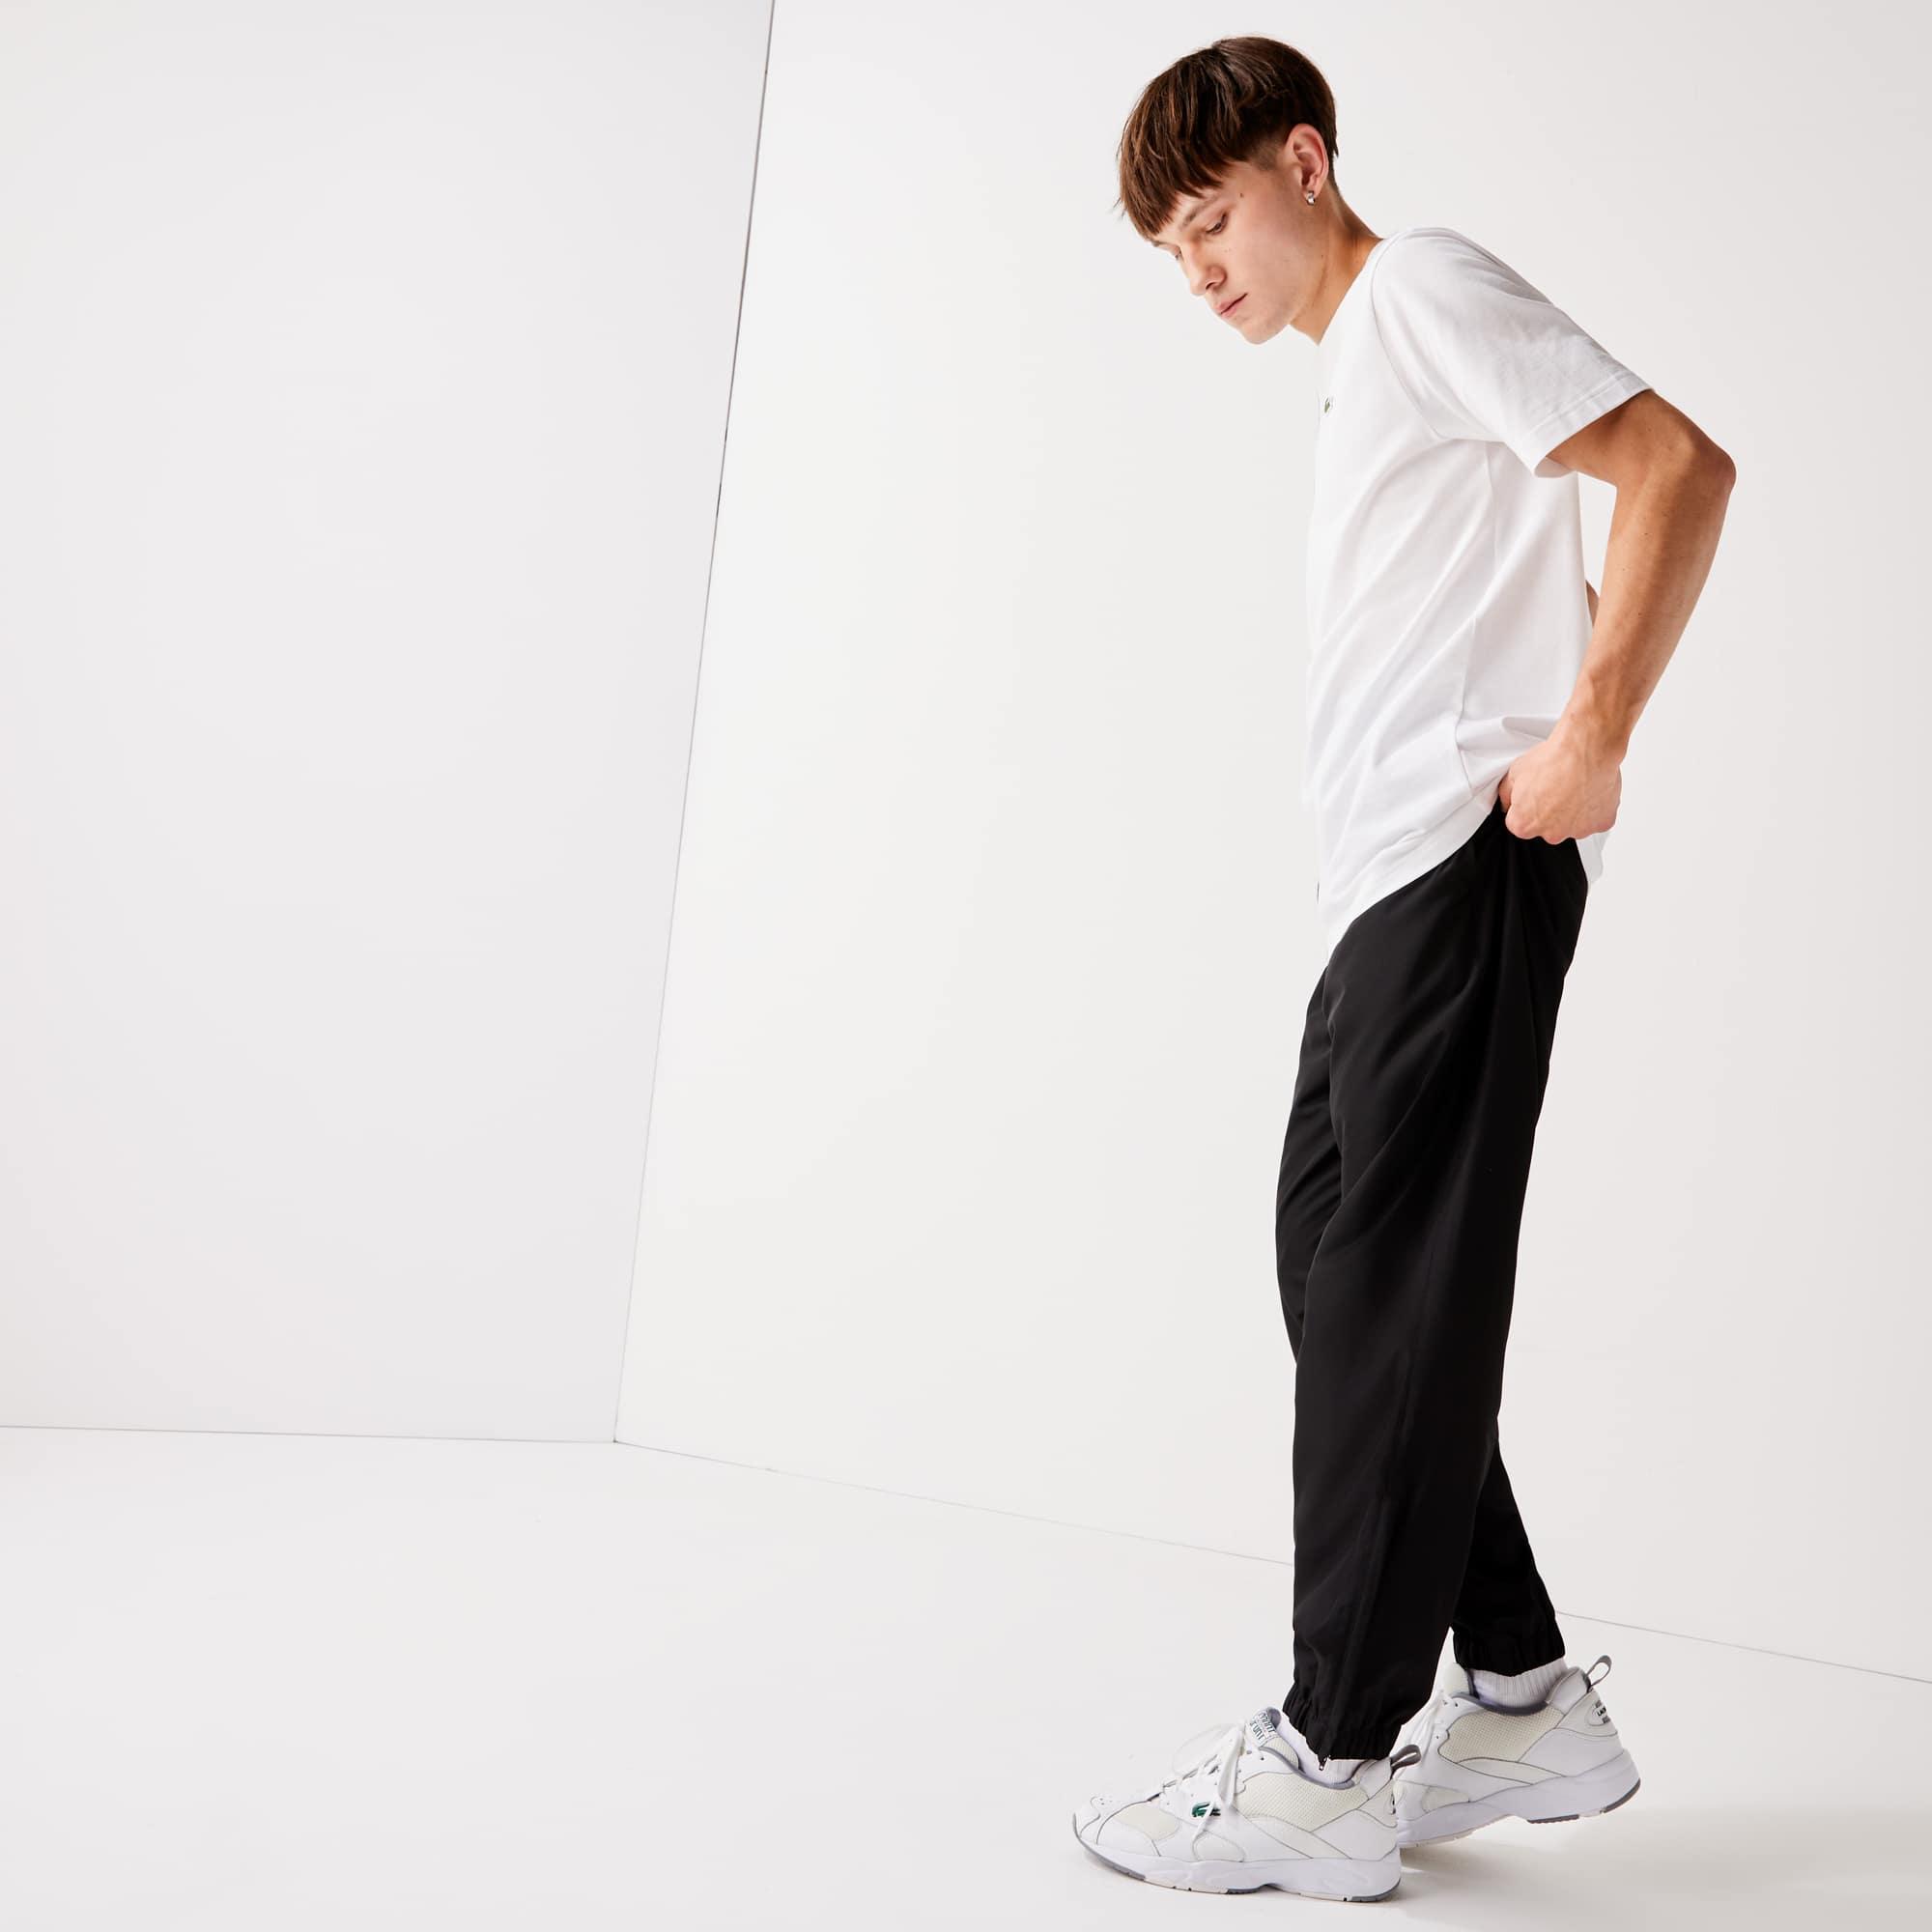 Uni Survêtement Diamante Lacoste Sport Tennis Pantalon De 4qBRwF